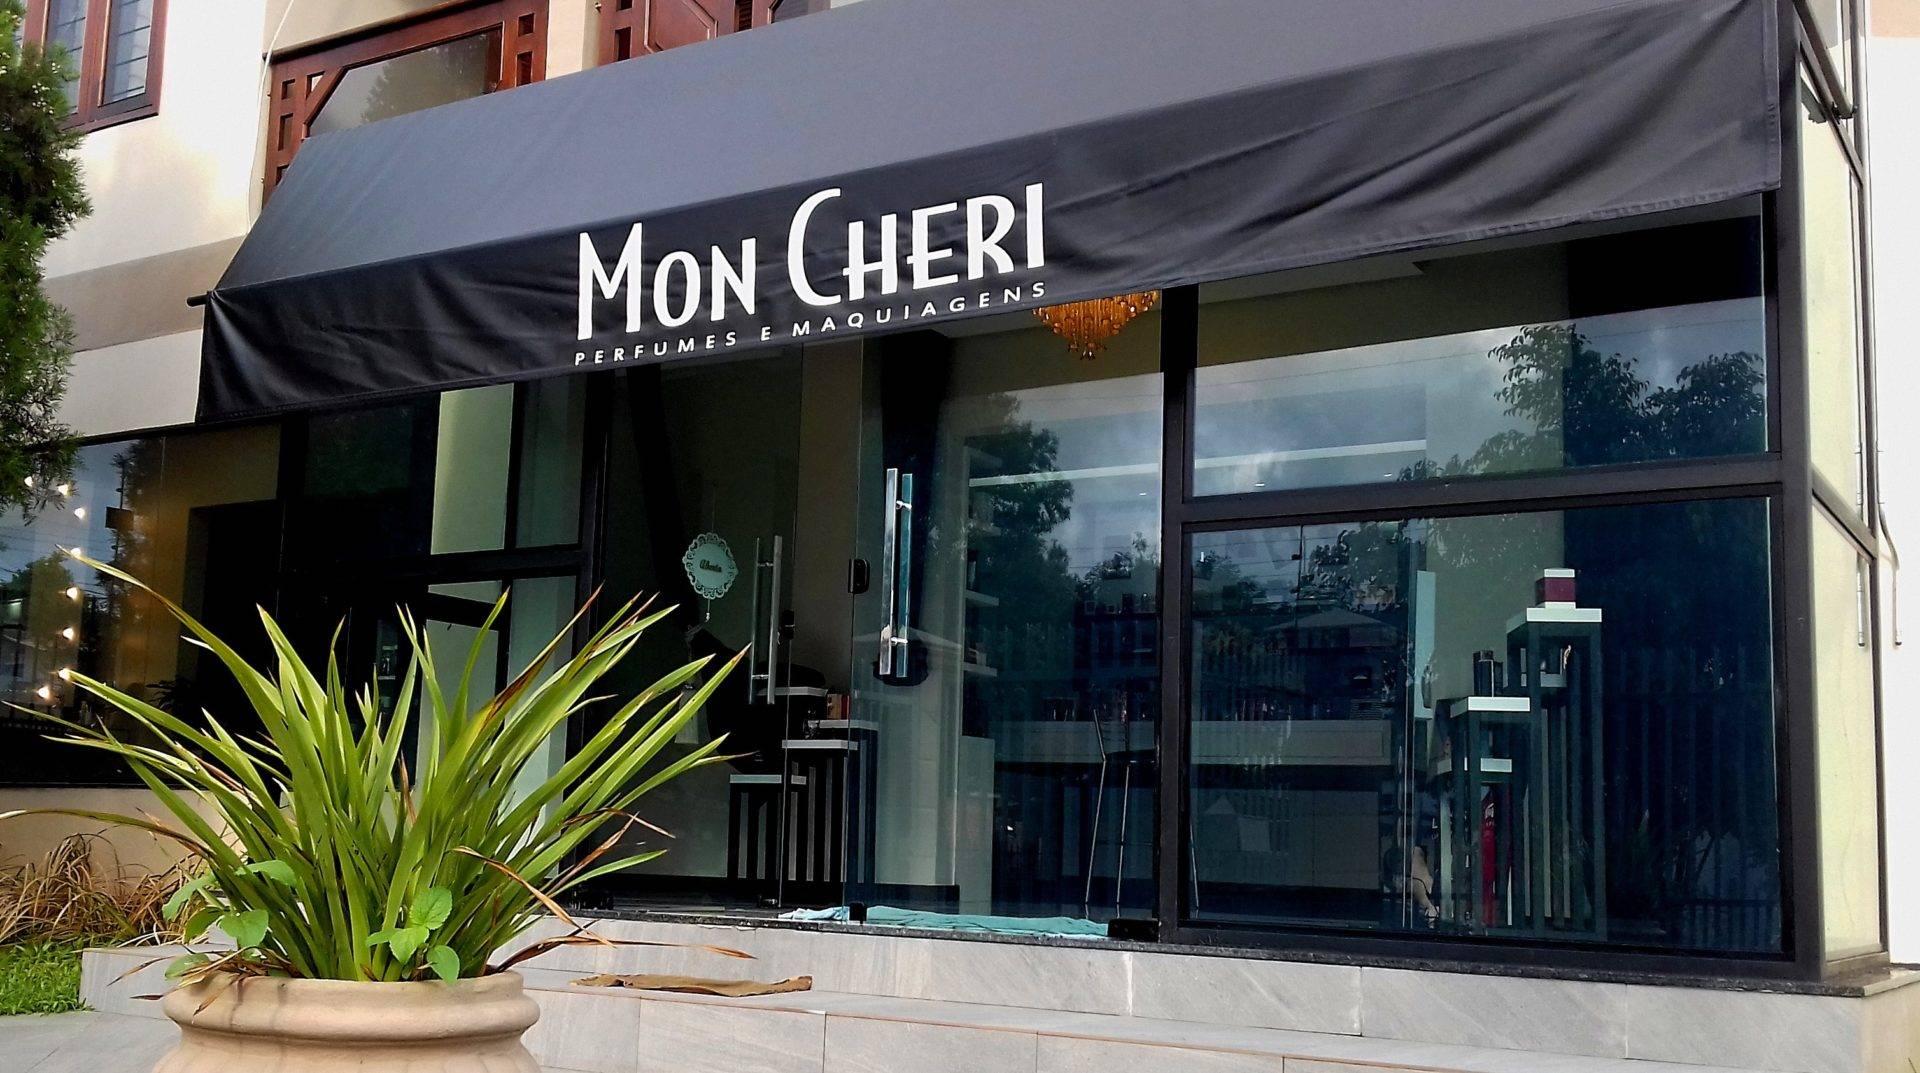 Mon Cheri: a loja de perfumes e maquiagens importadas que se destaca na região